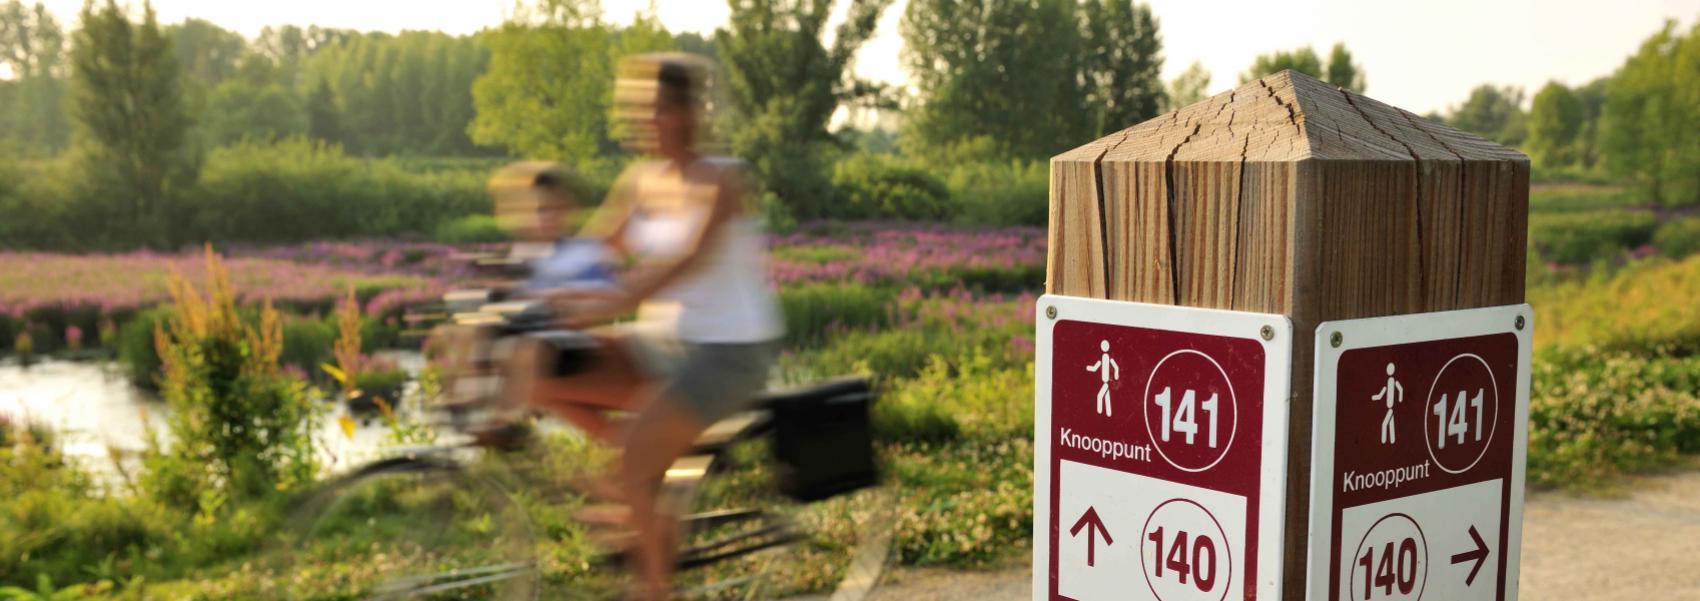 knooppuntenpaal met op de achtergrond een vrouw met kind op de fiets